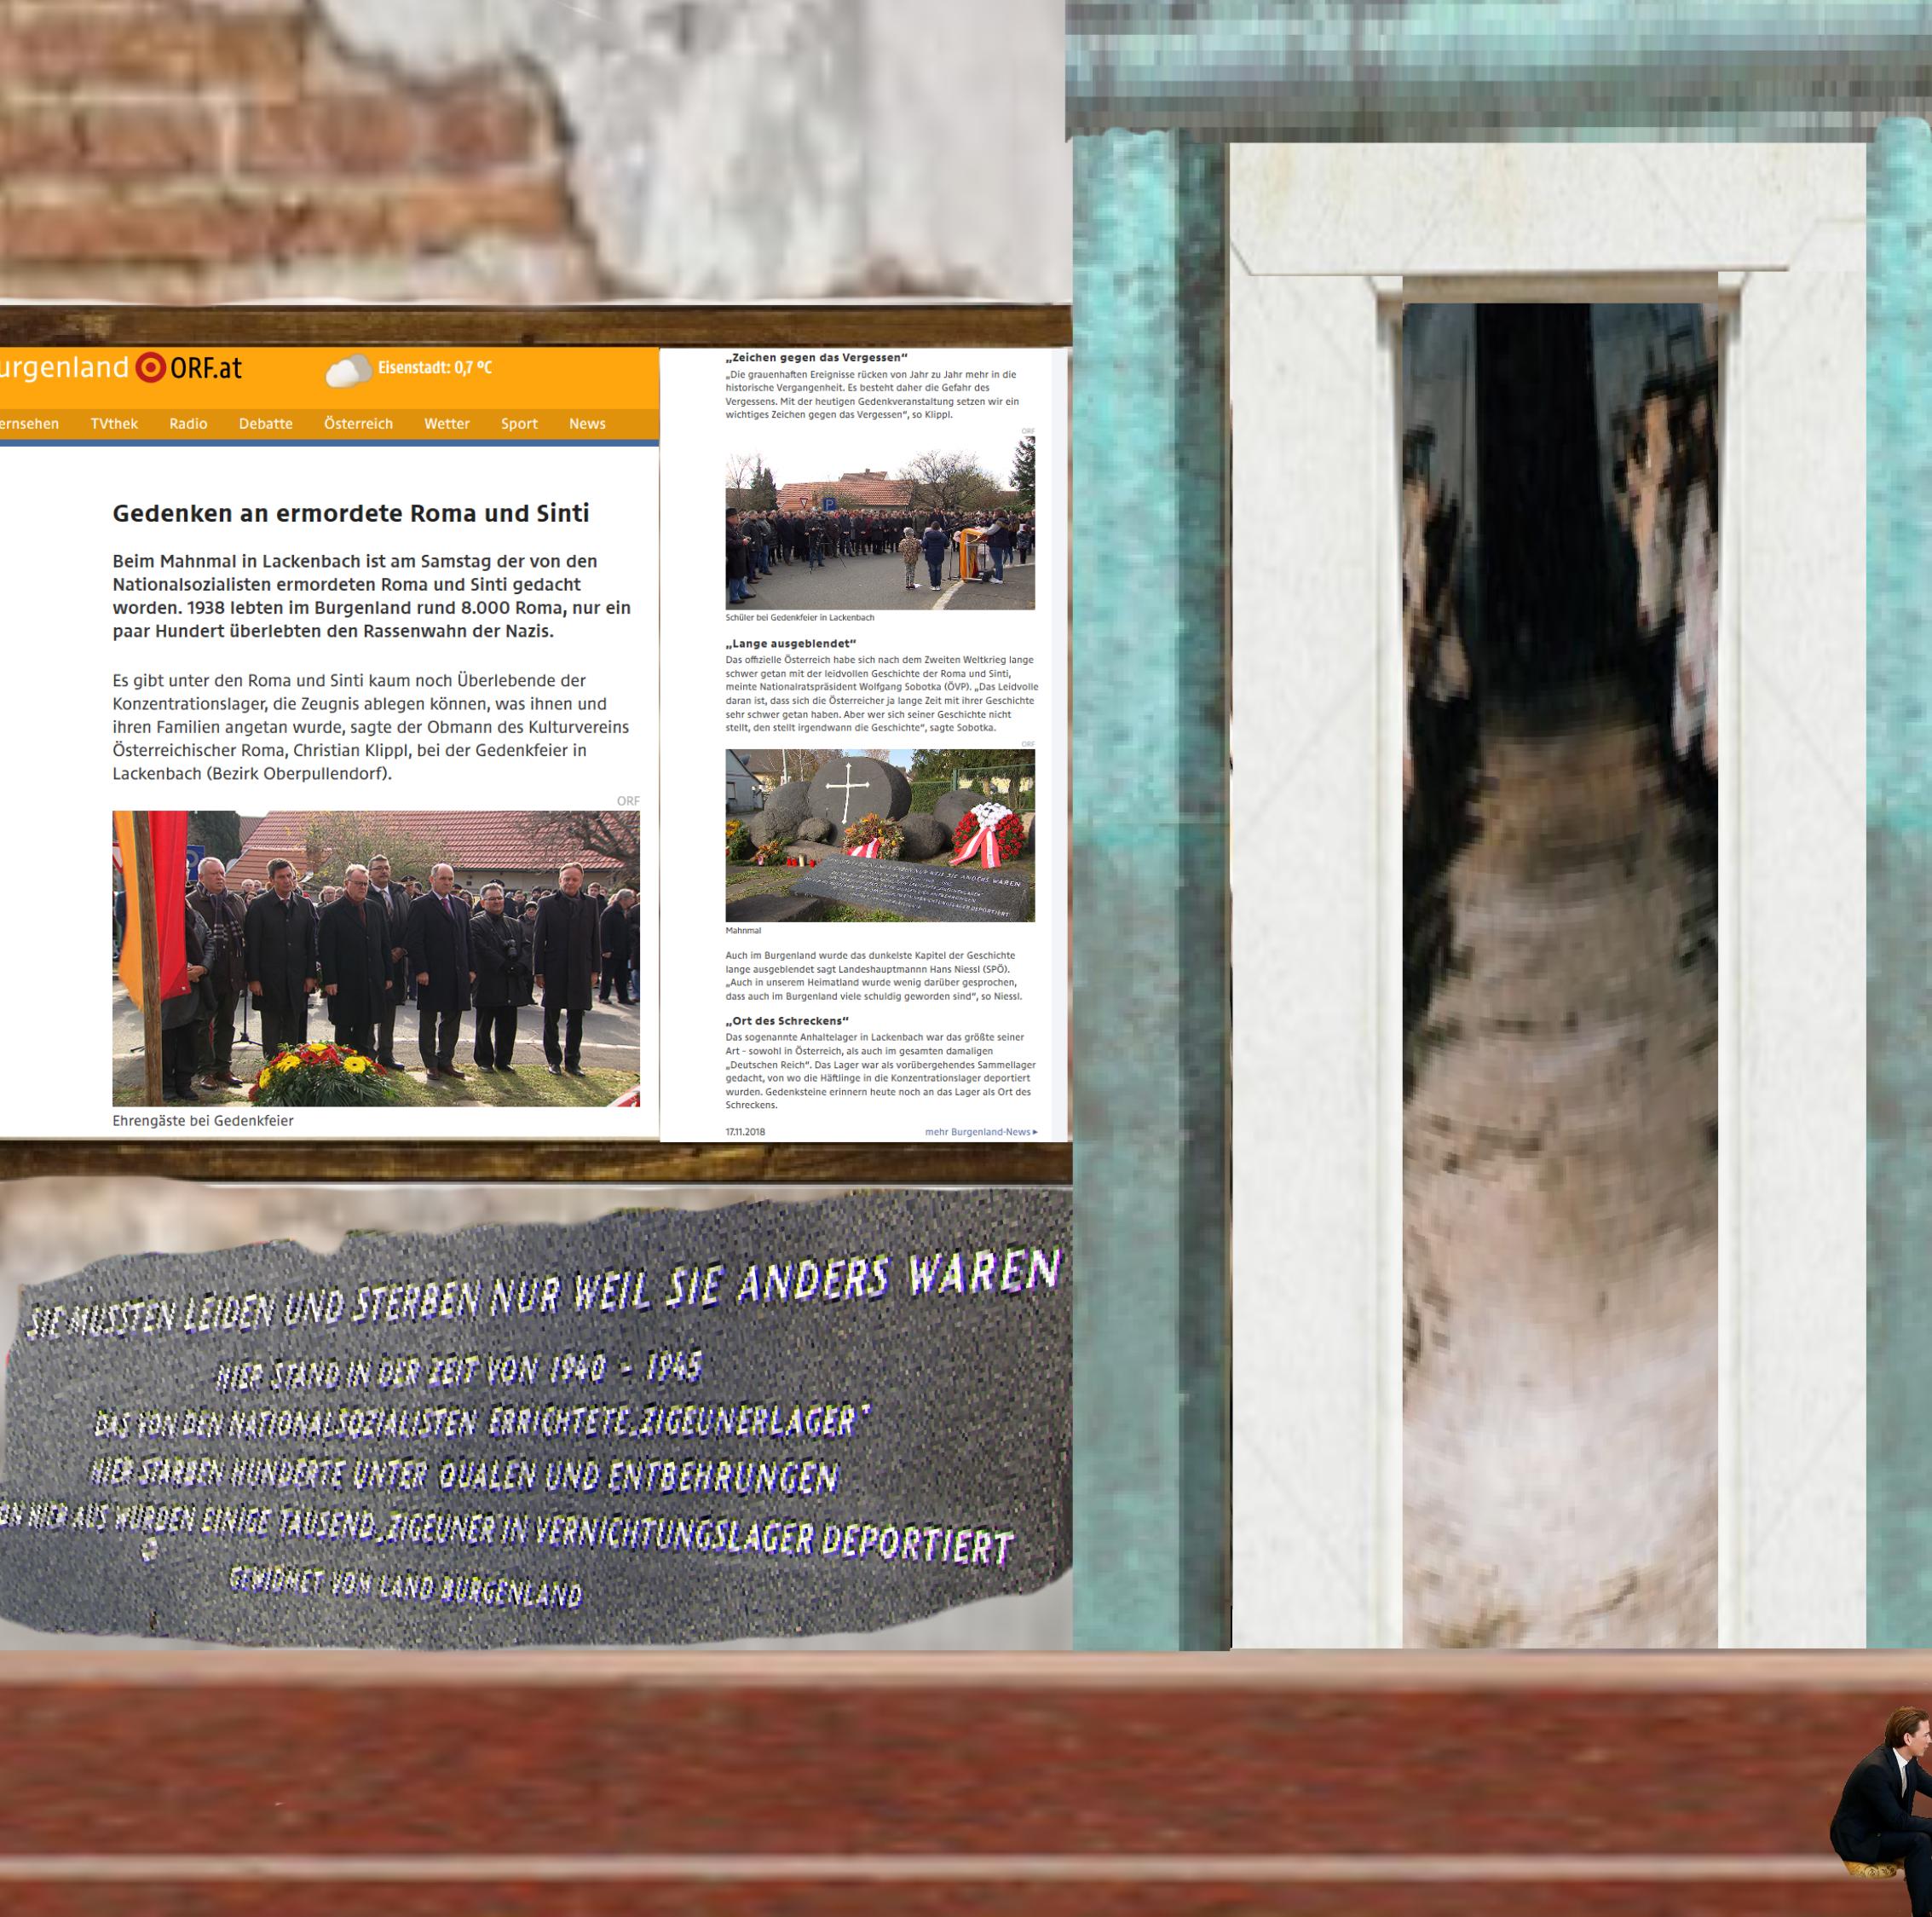 Gedenken an ermordete Sinti und Roma - Lackenbach - November 18